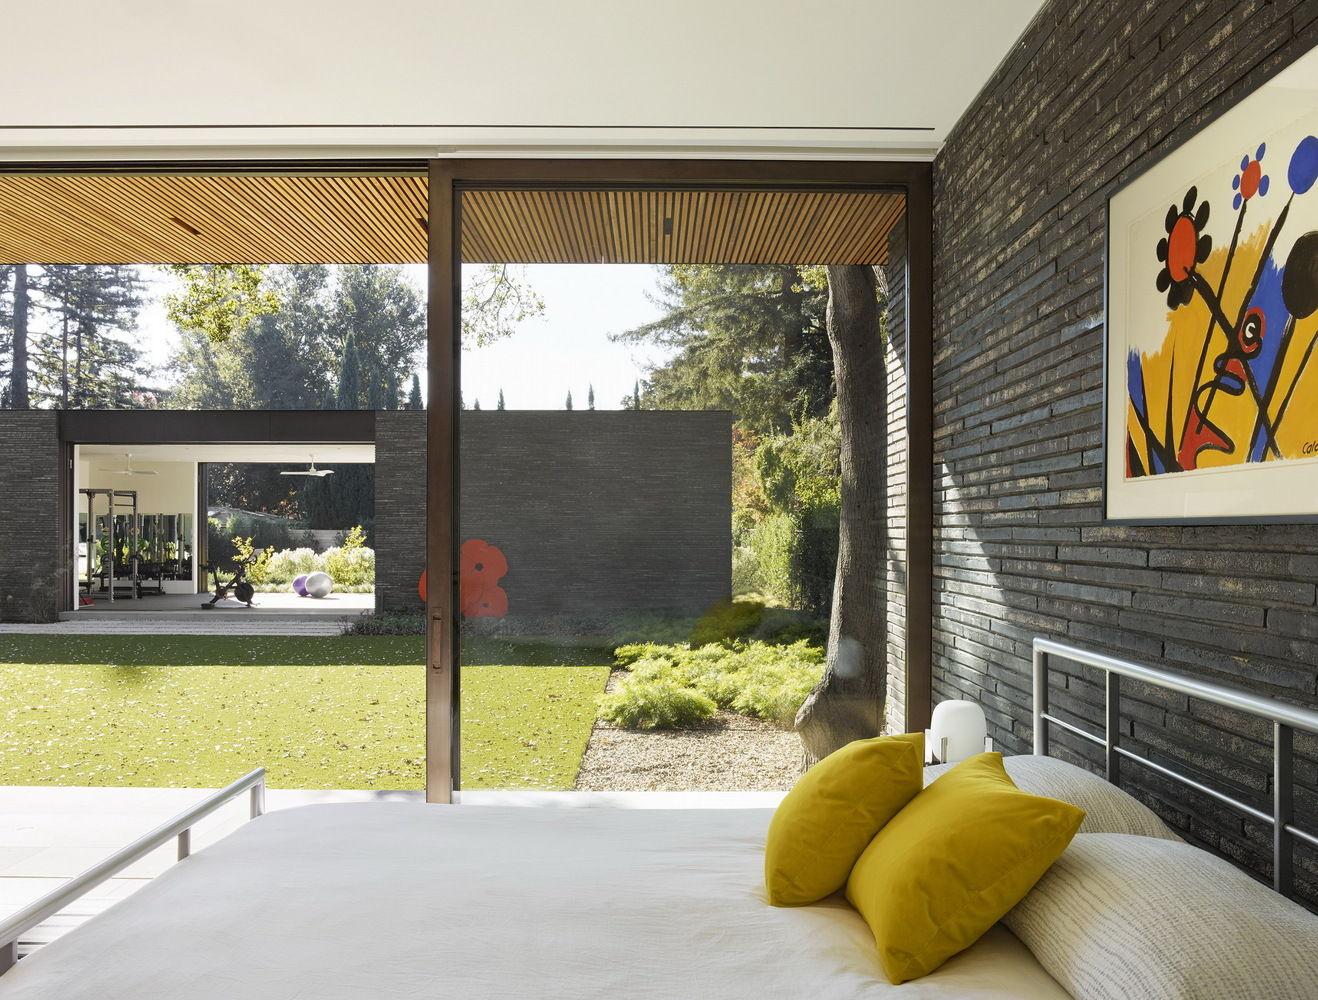 Mẫu thiết kế nhà đẹp hiện đại